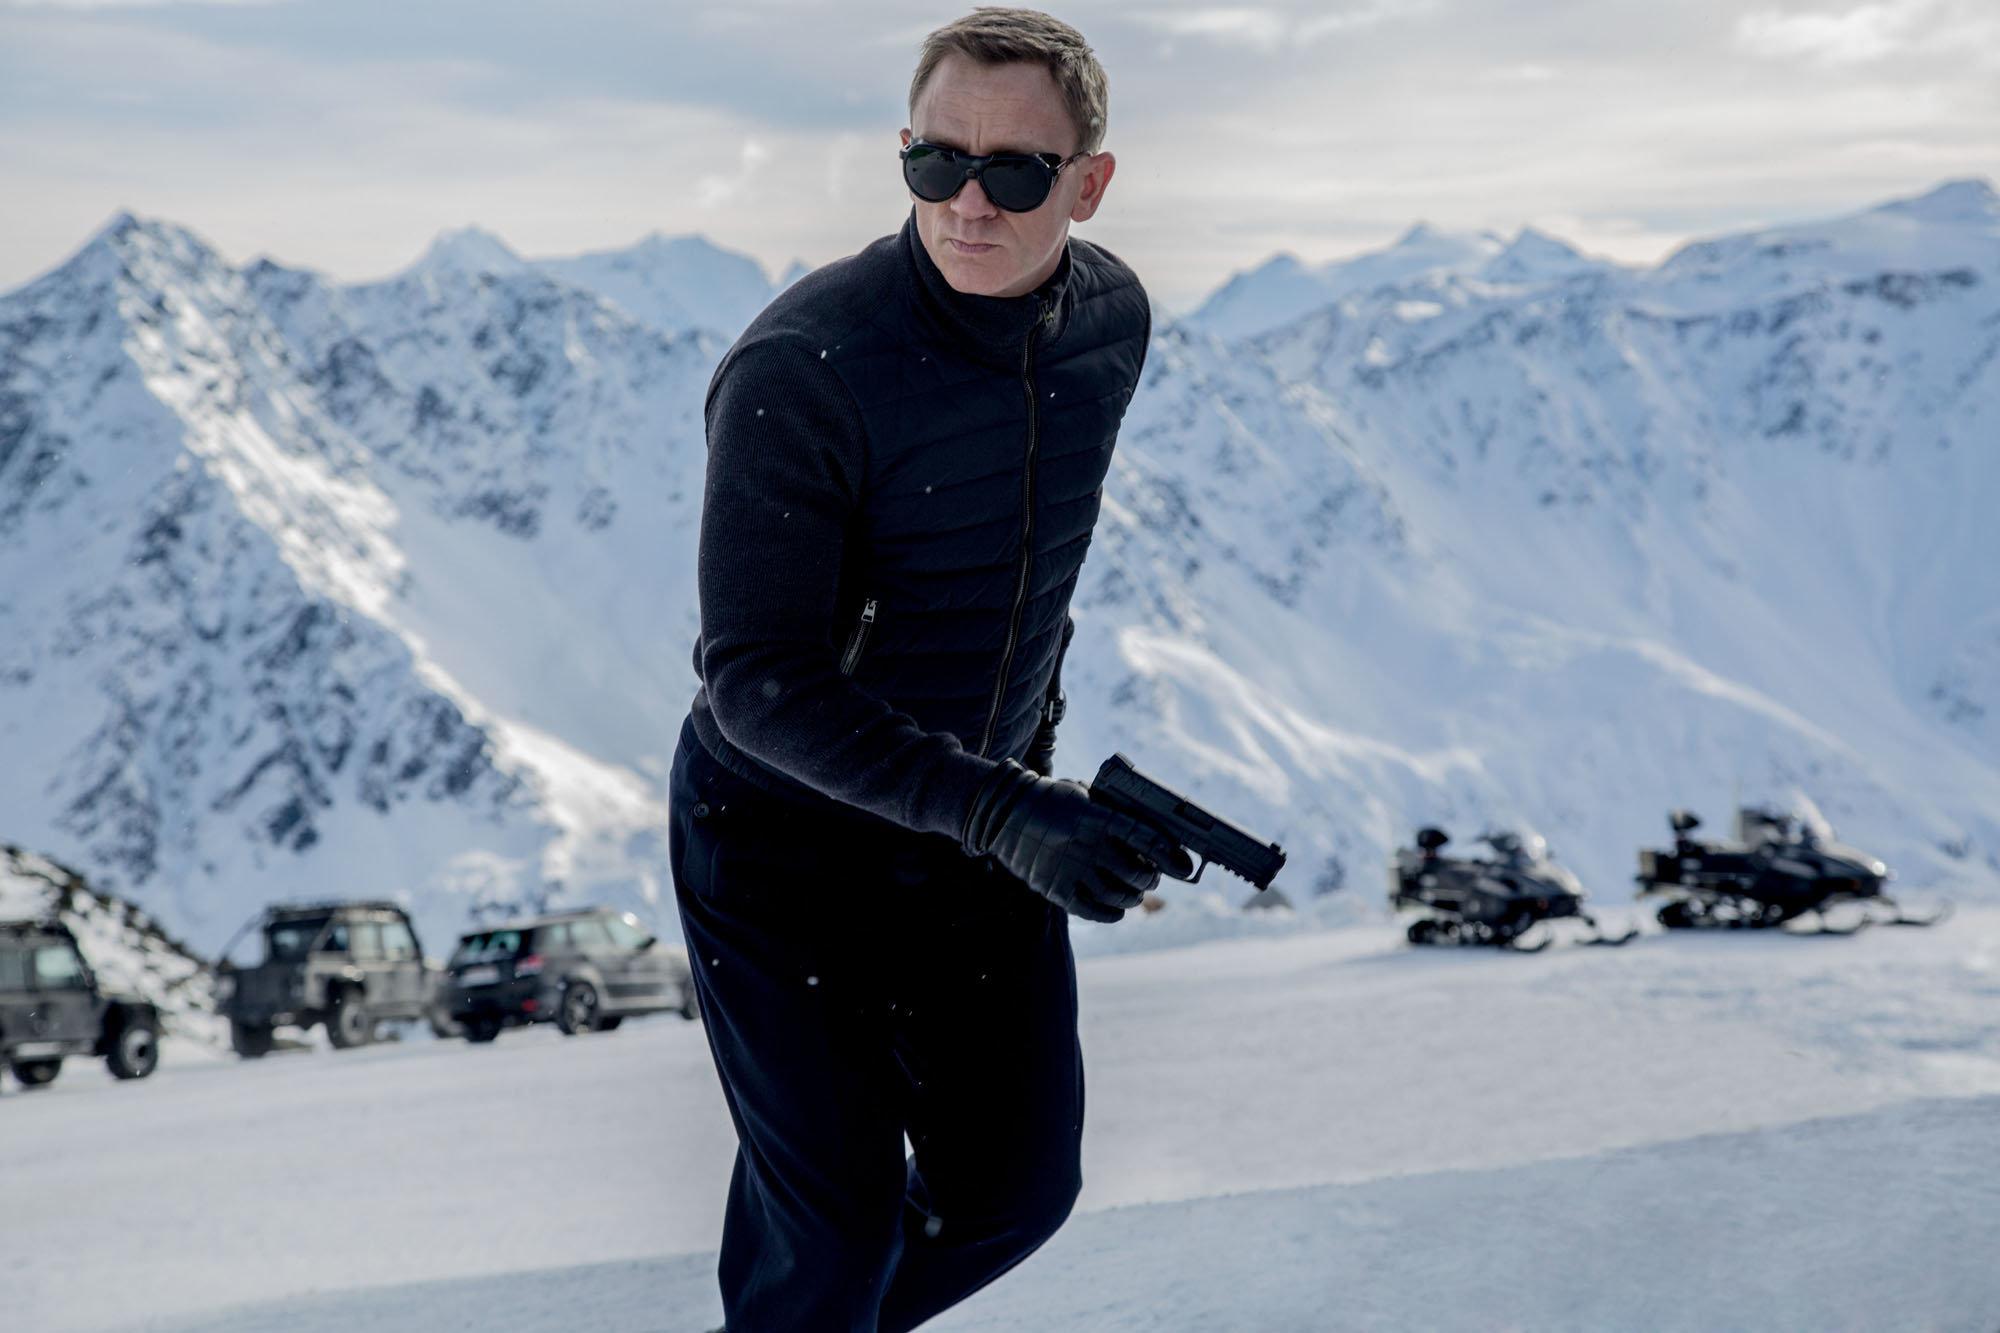 대니보일 감독이 007 시리즈에서